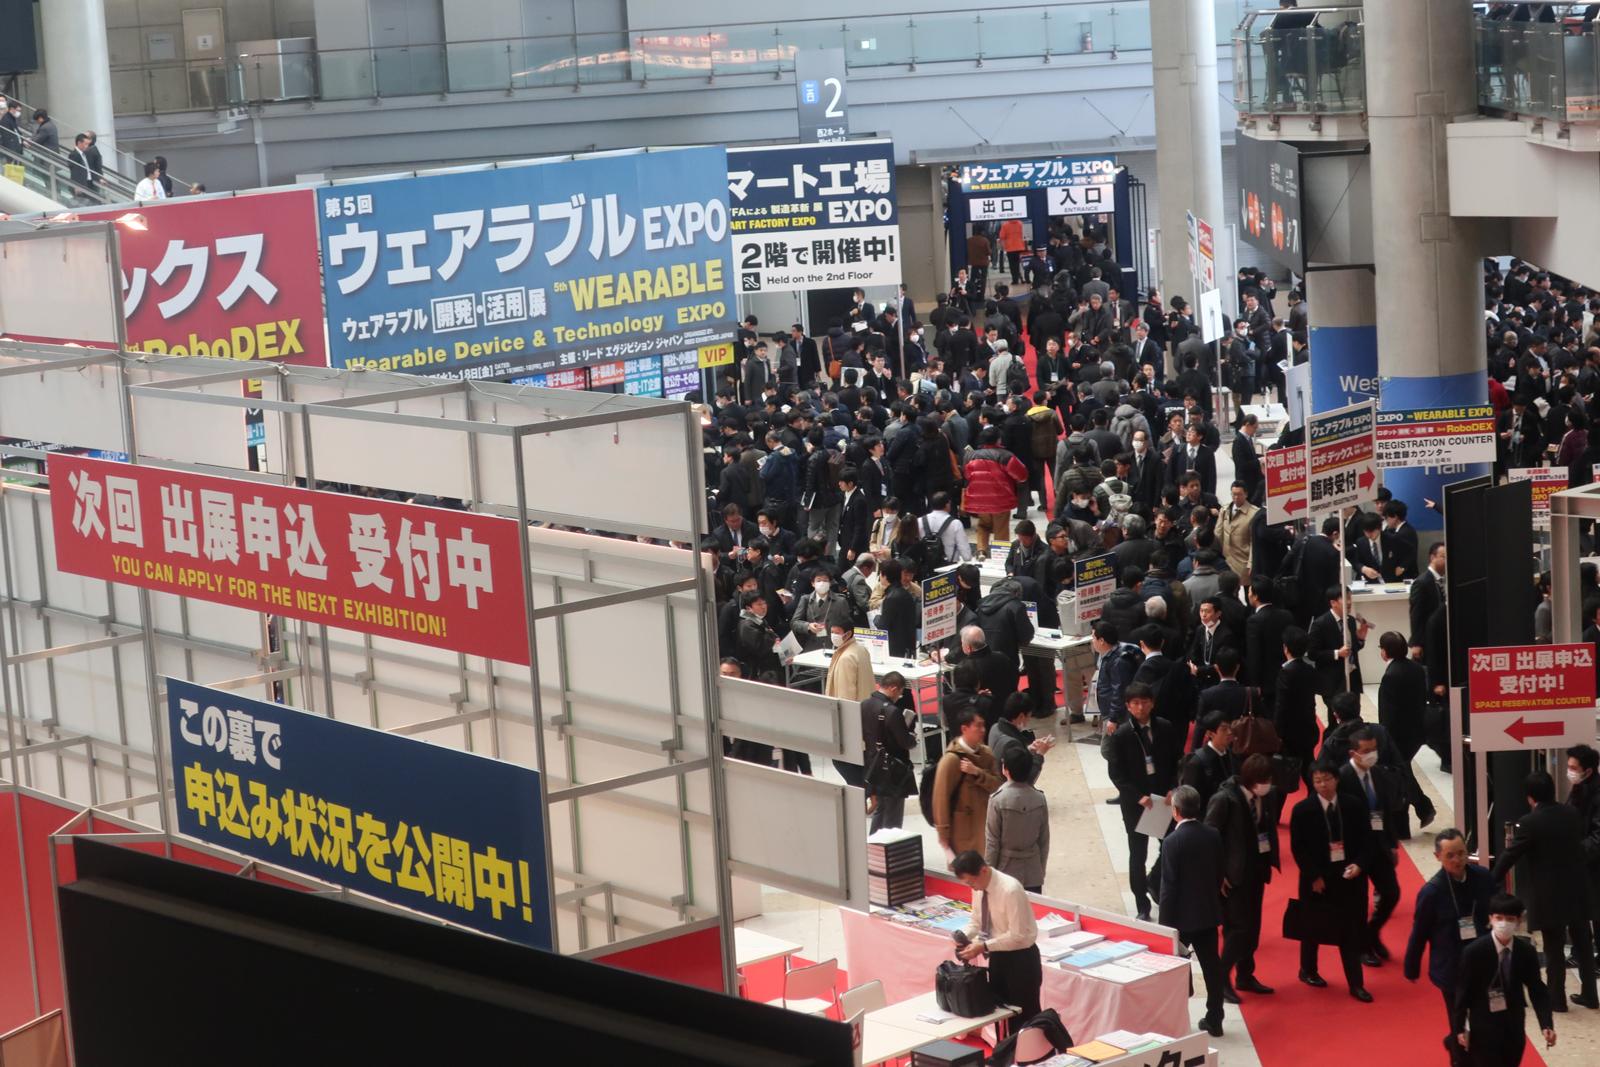 東京ビックサイトで開催されたウェアラブルEXPO